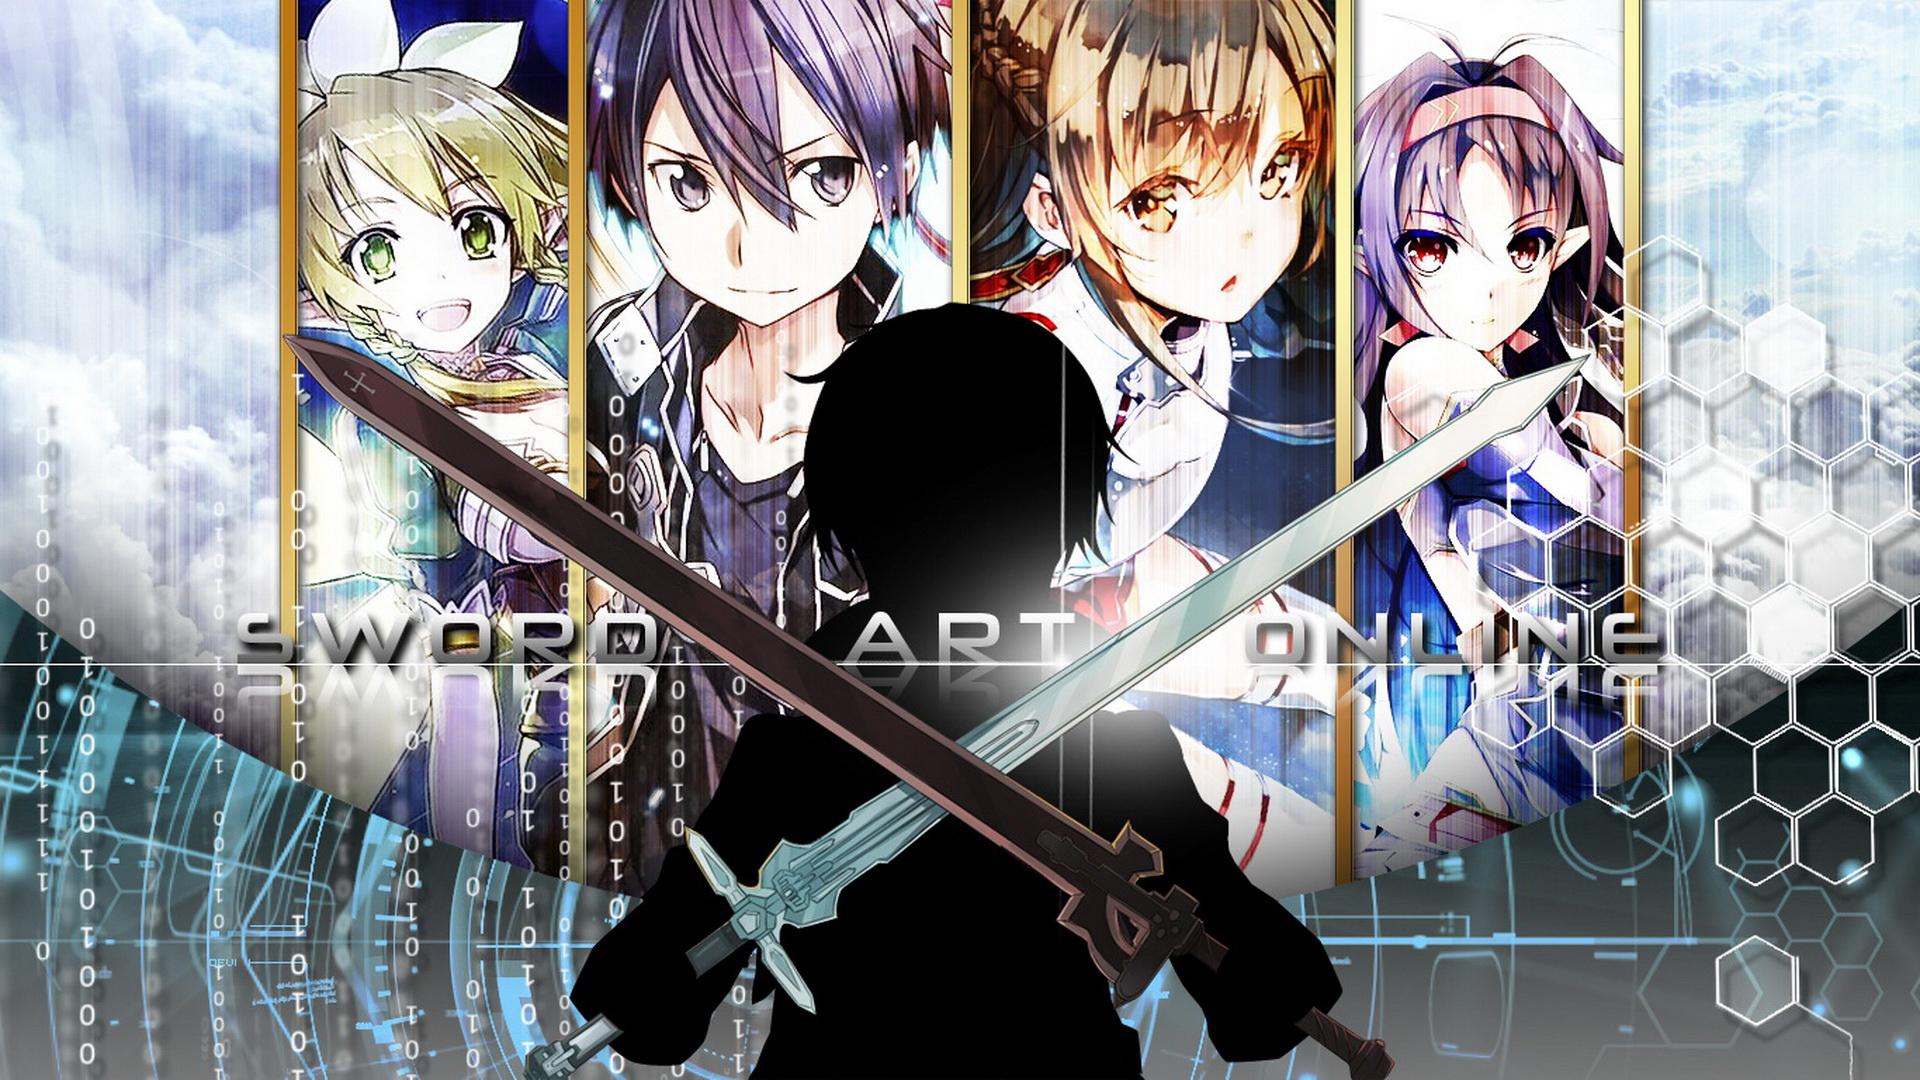 Sword Art Online Ii Hd Wallpaper Background Image 1920x1080